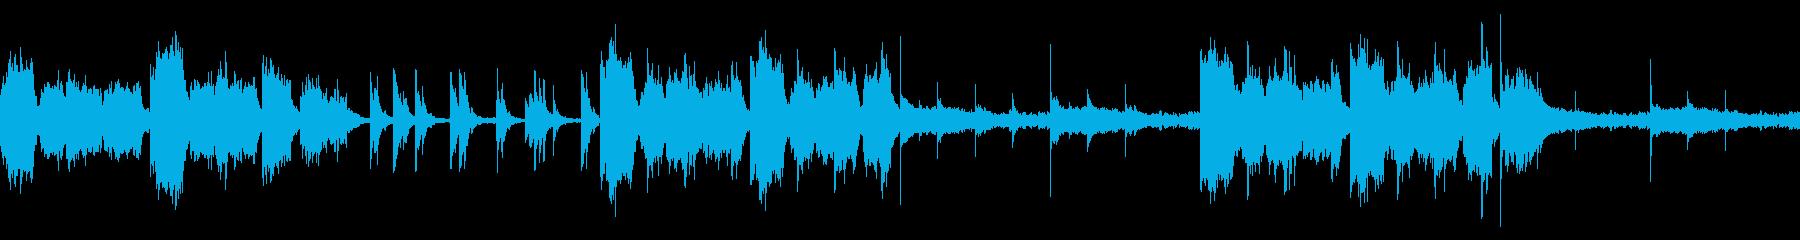 【ループ版】ドキュメンタリー 民族の再生済みの波形